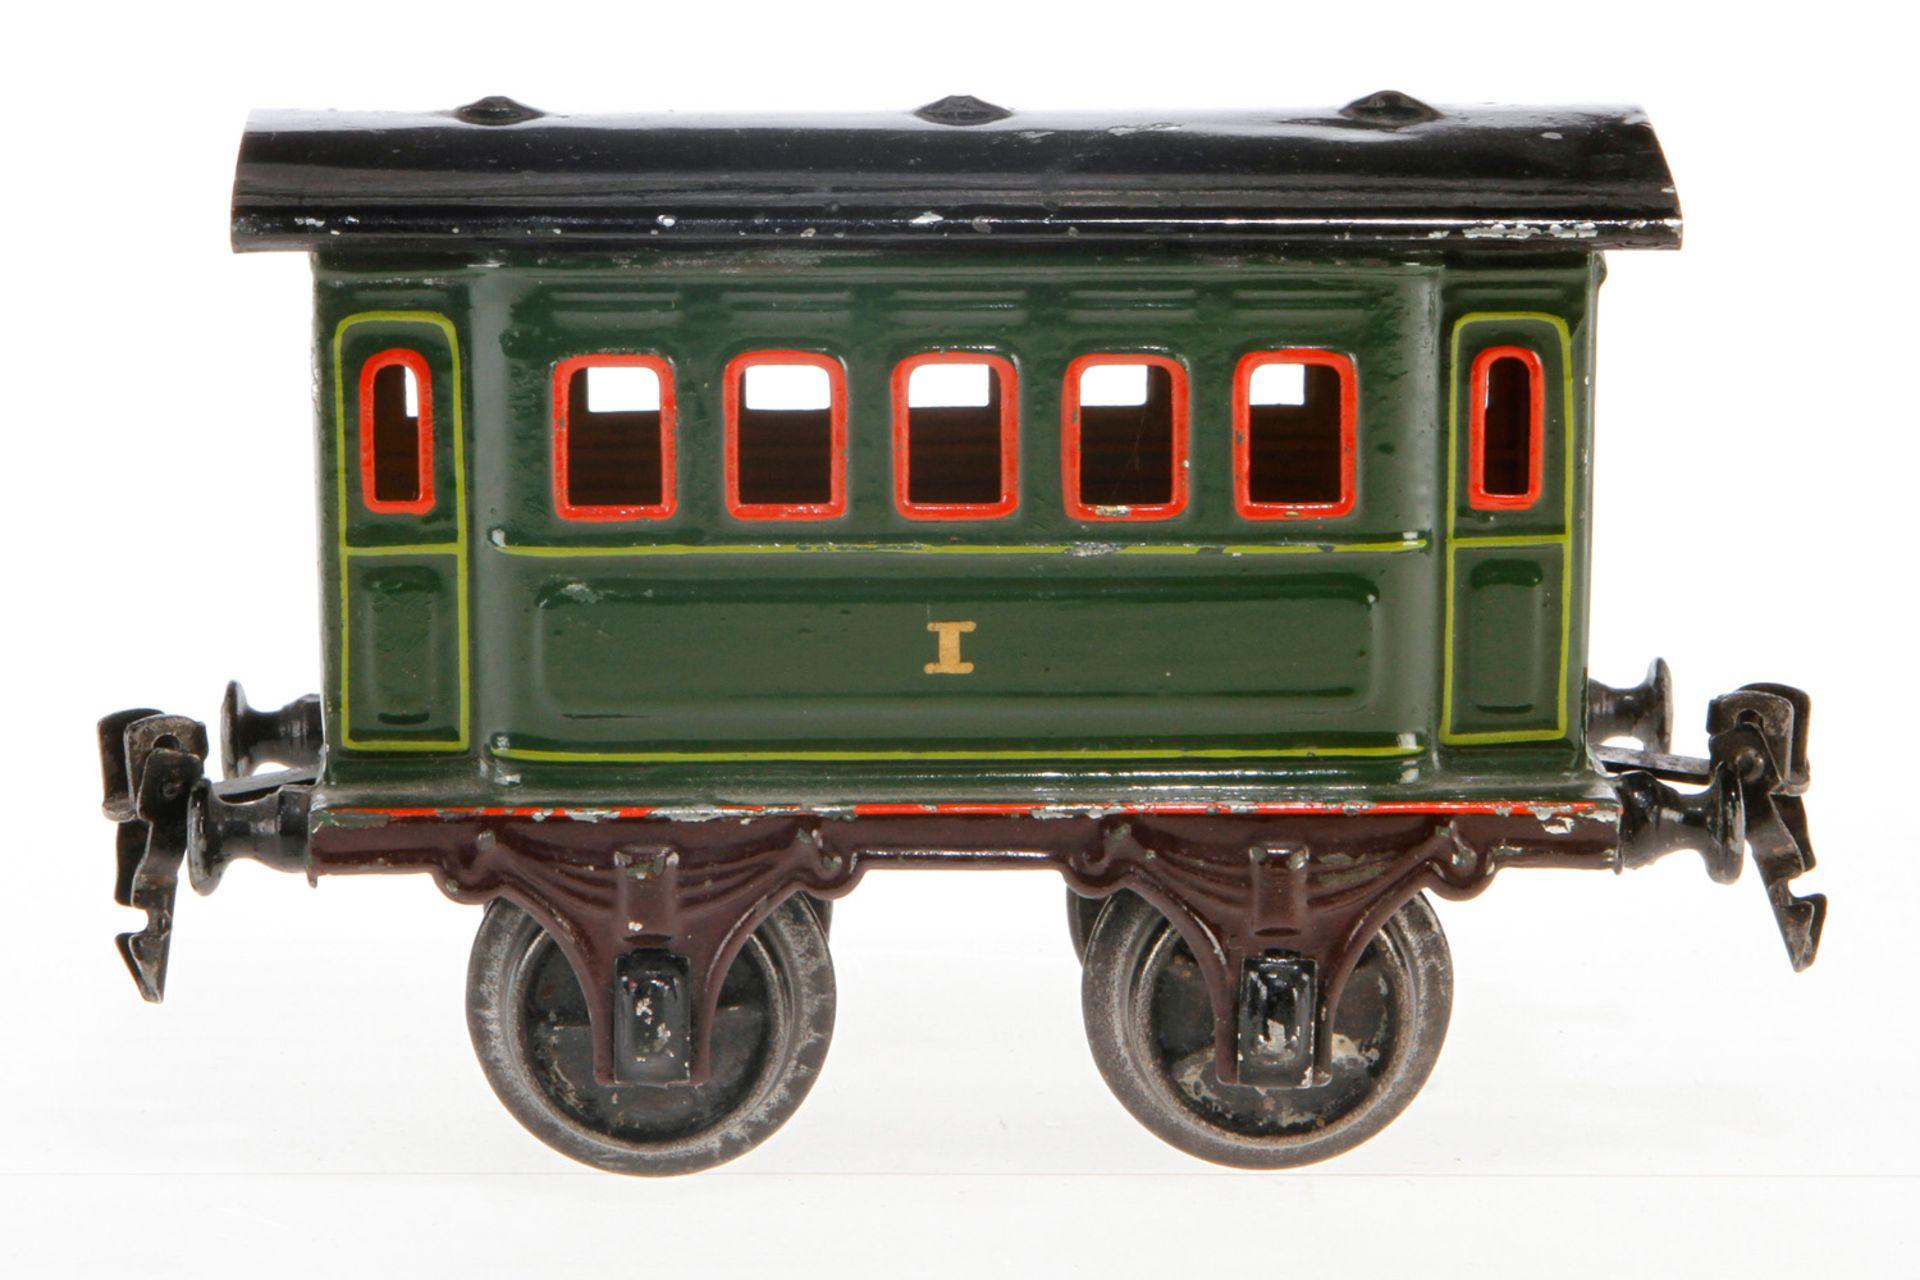 Märklin Personenwagen 1861, S 1, uralt, grün HL, LS und gealterter Lack, L 15, Z 2-3